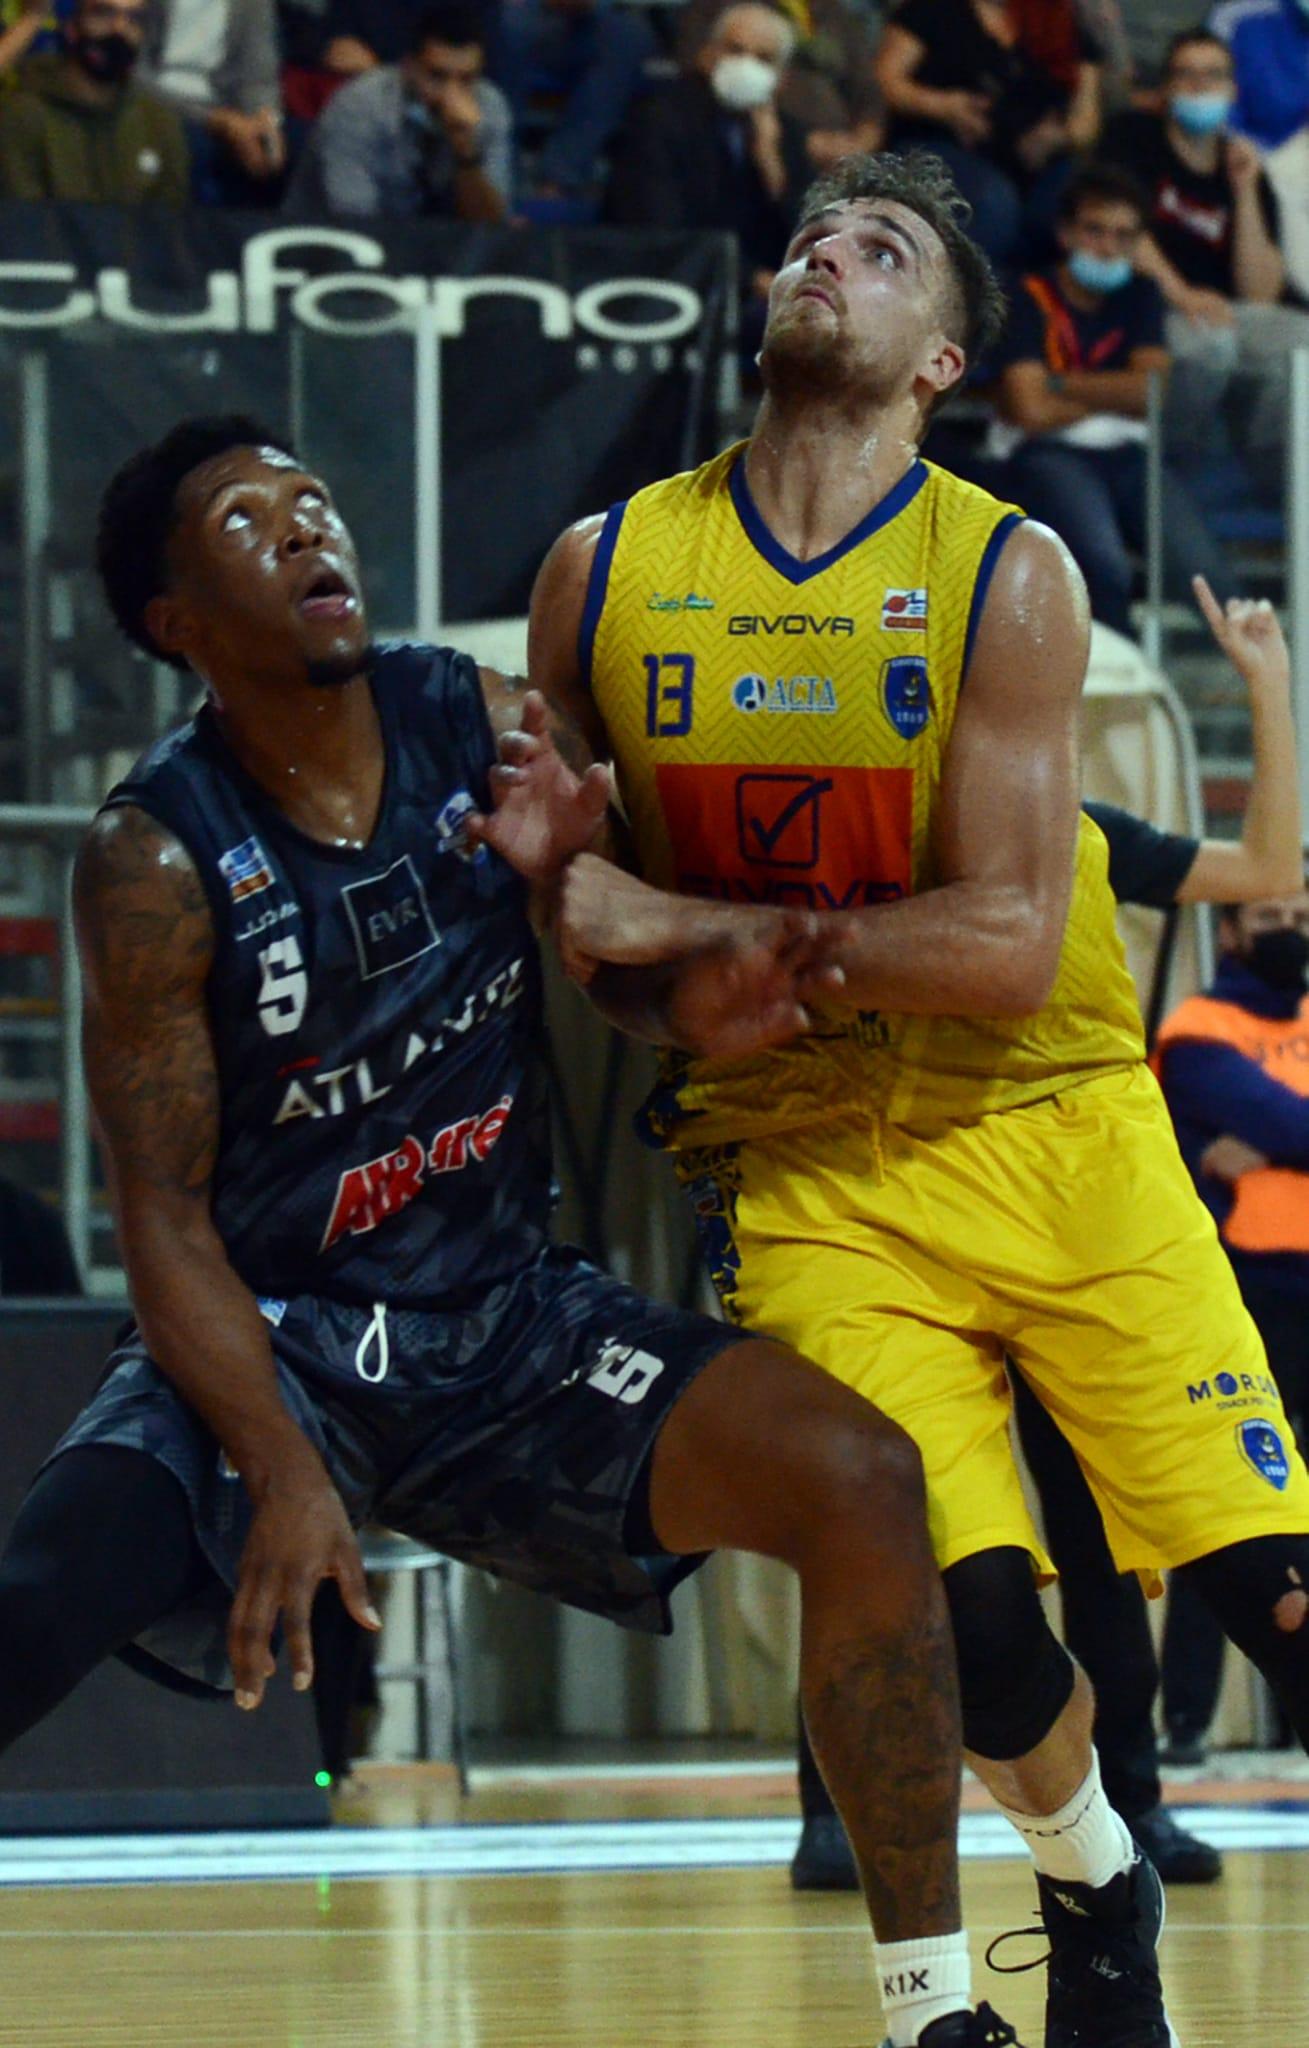 De Laurentiis battaglia con Hill (Givova Scafati vs Eurobasket Roma)